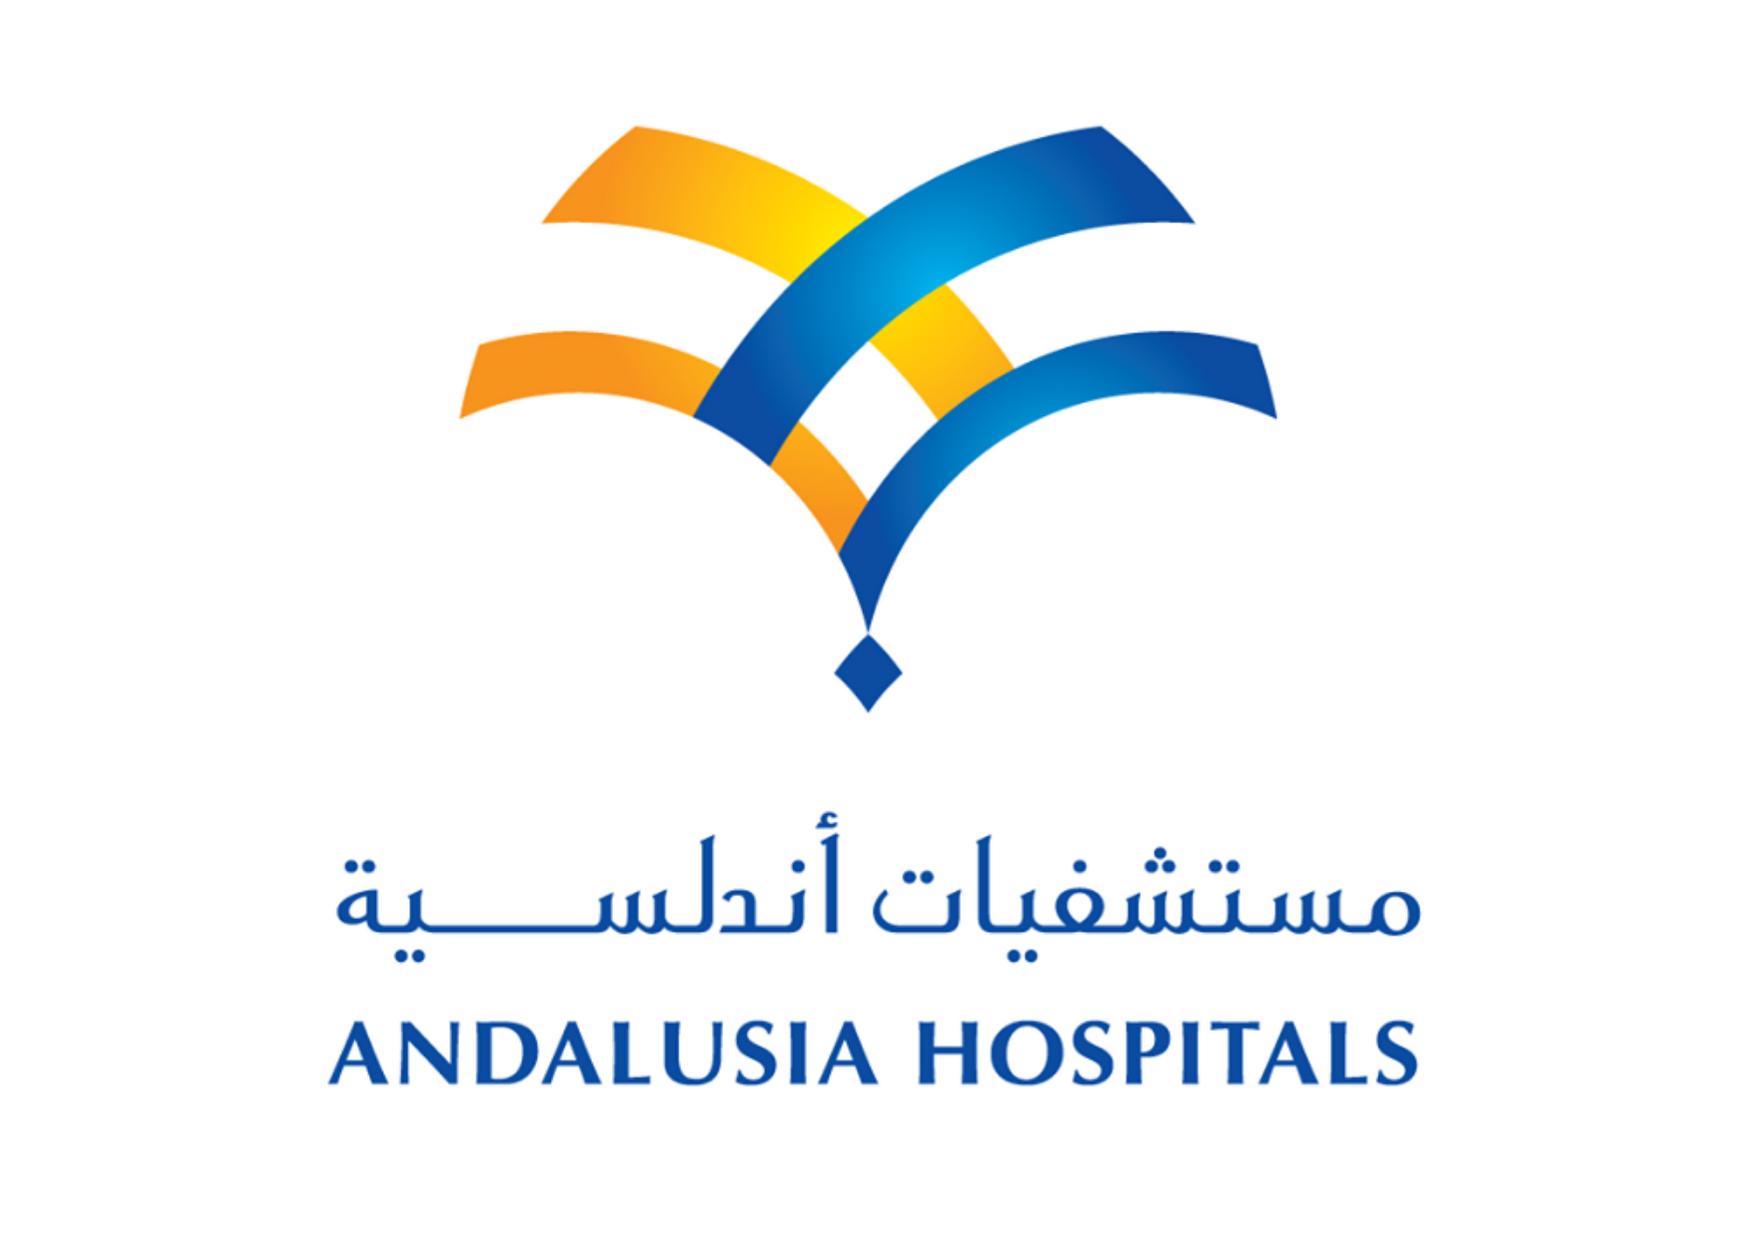 مستشفى أندلسية